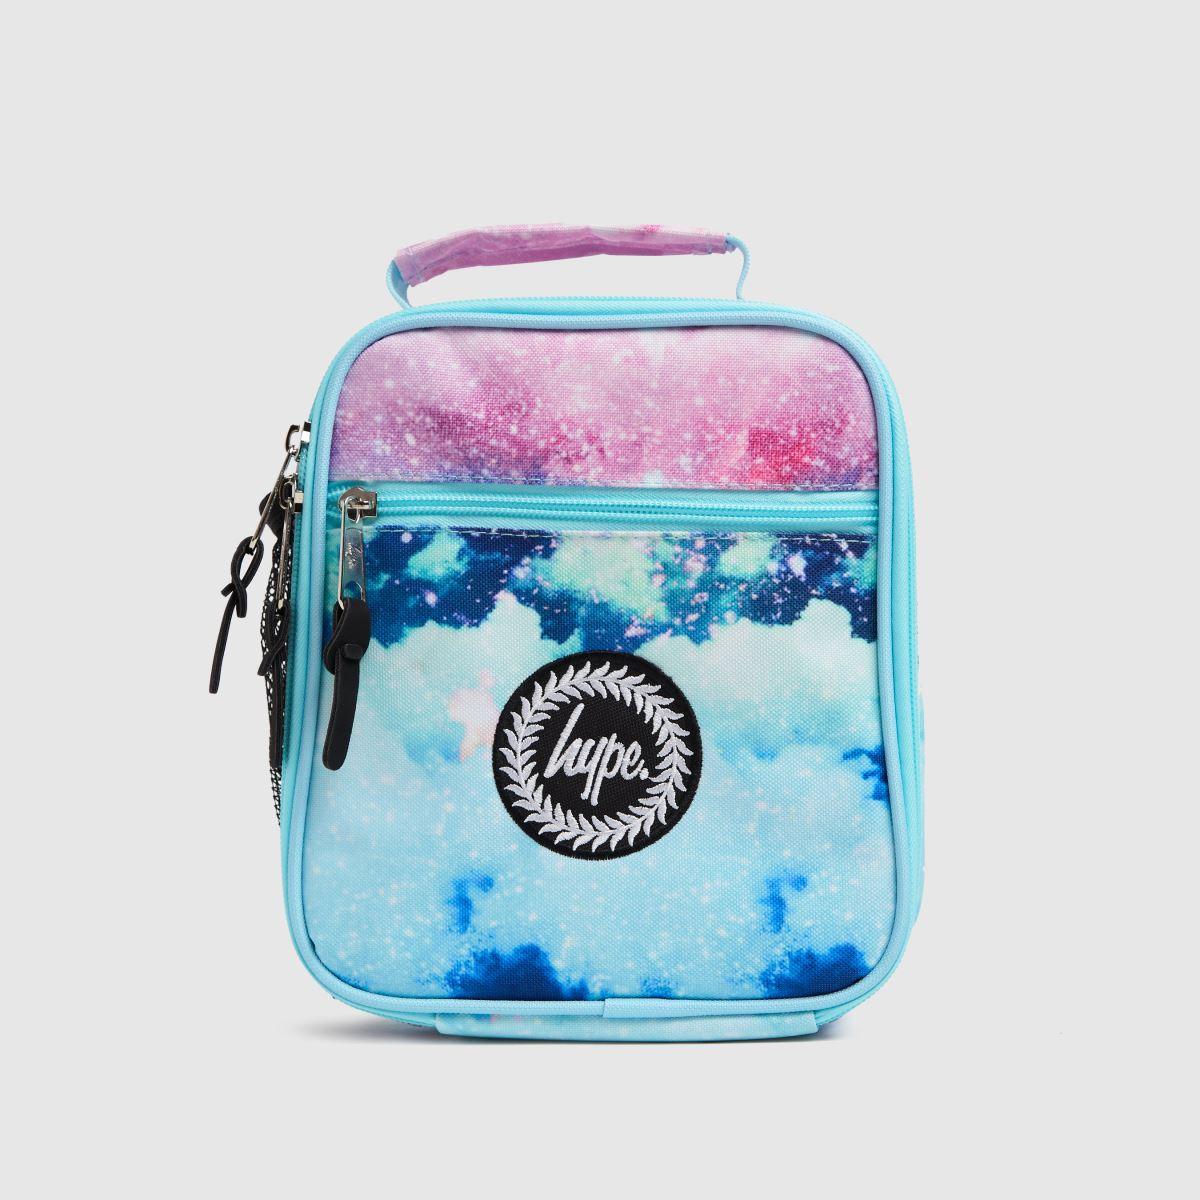 Hype Multi Glitter Skies Lunch Bag